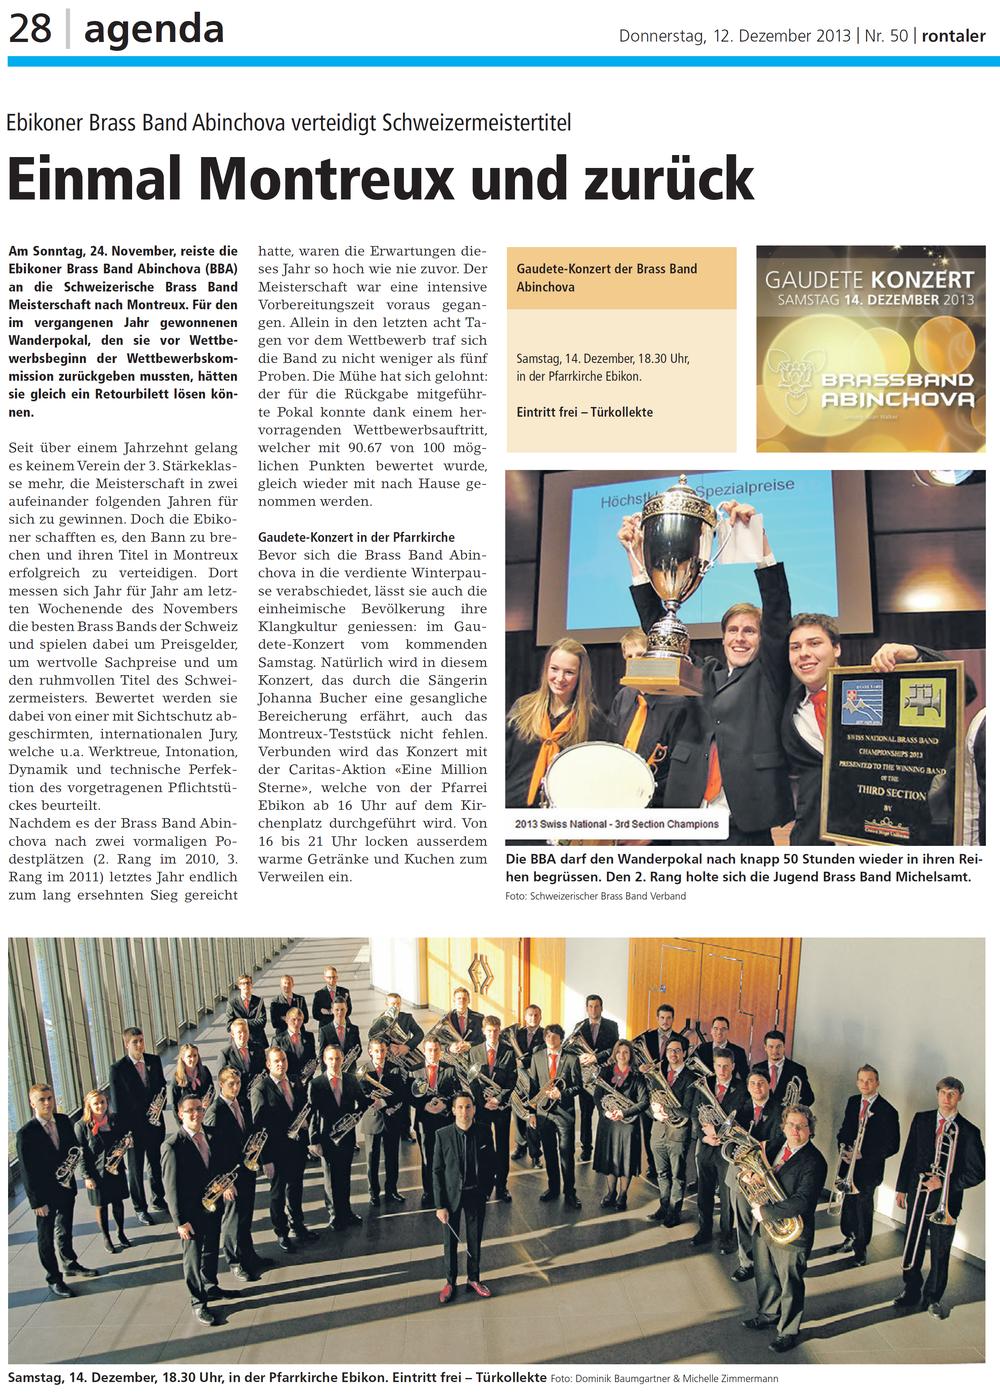 Schweizerischer Brass Band Wettbewerb 2013